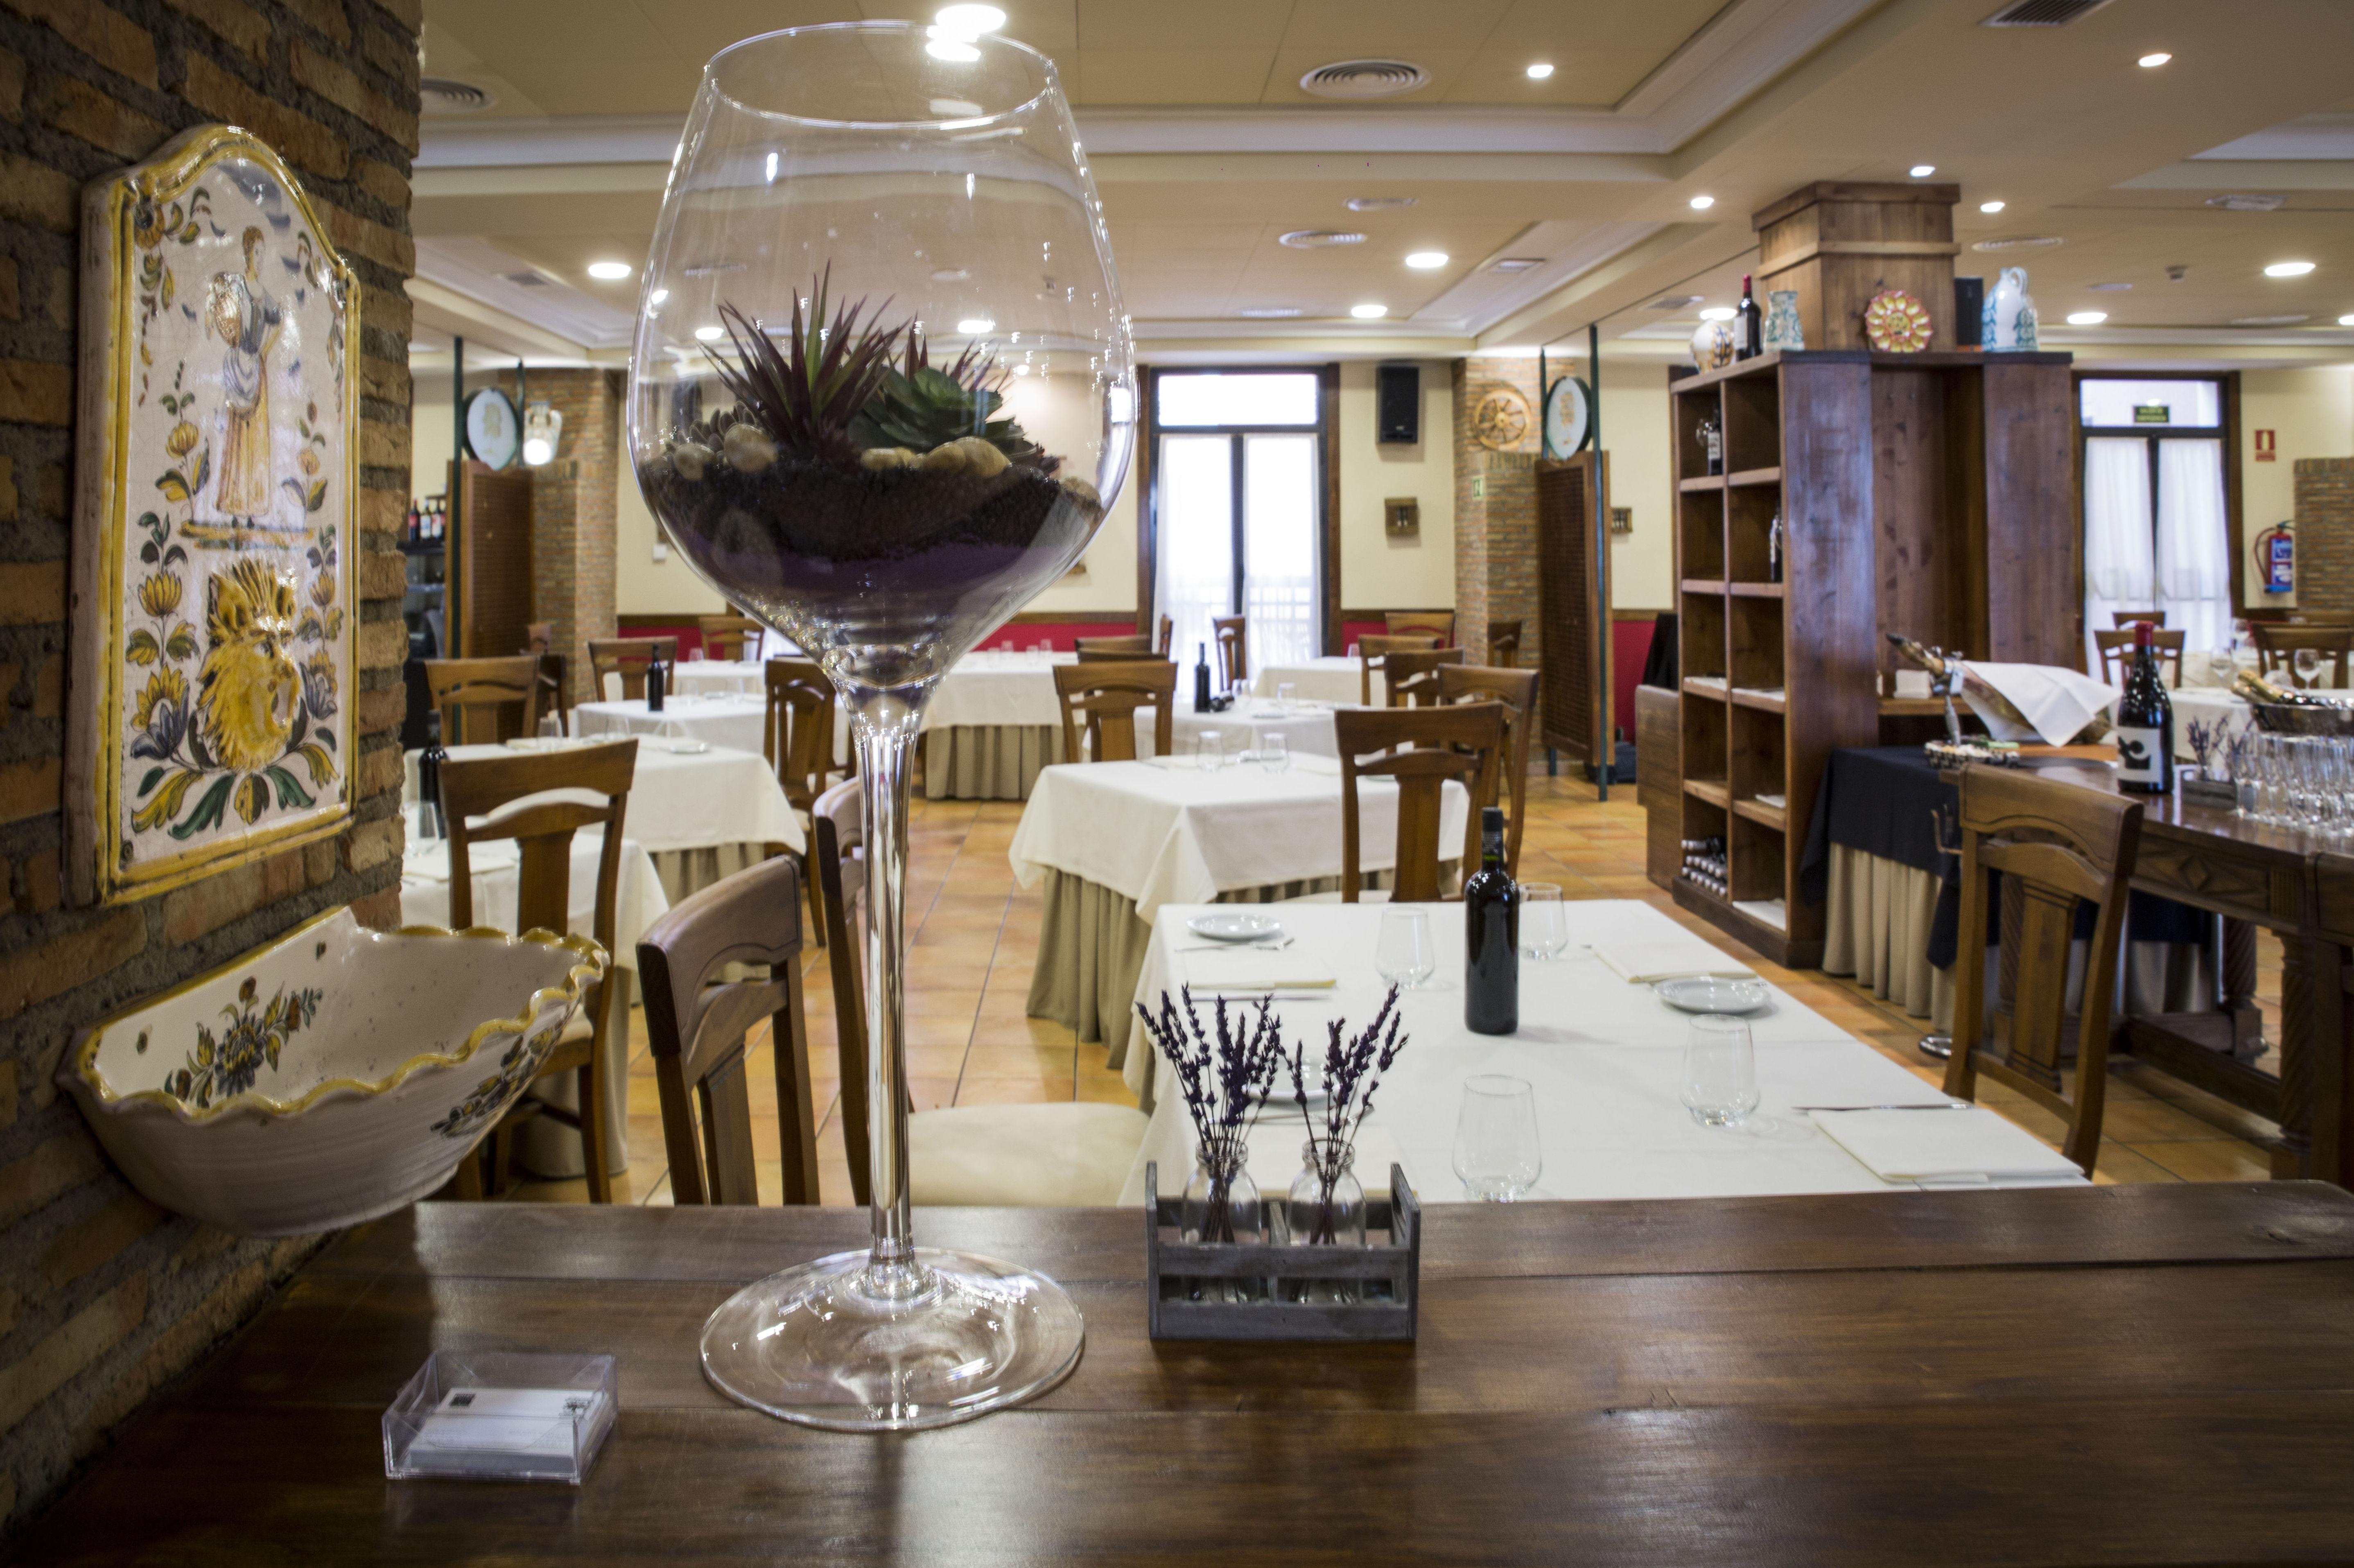 Foto 27 de Asadores en Arganda del Rey | Restaurante El Roble Hotel AB Arganda